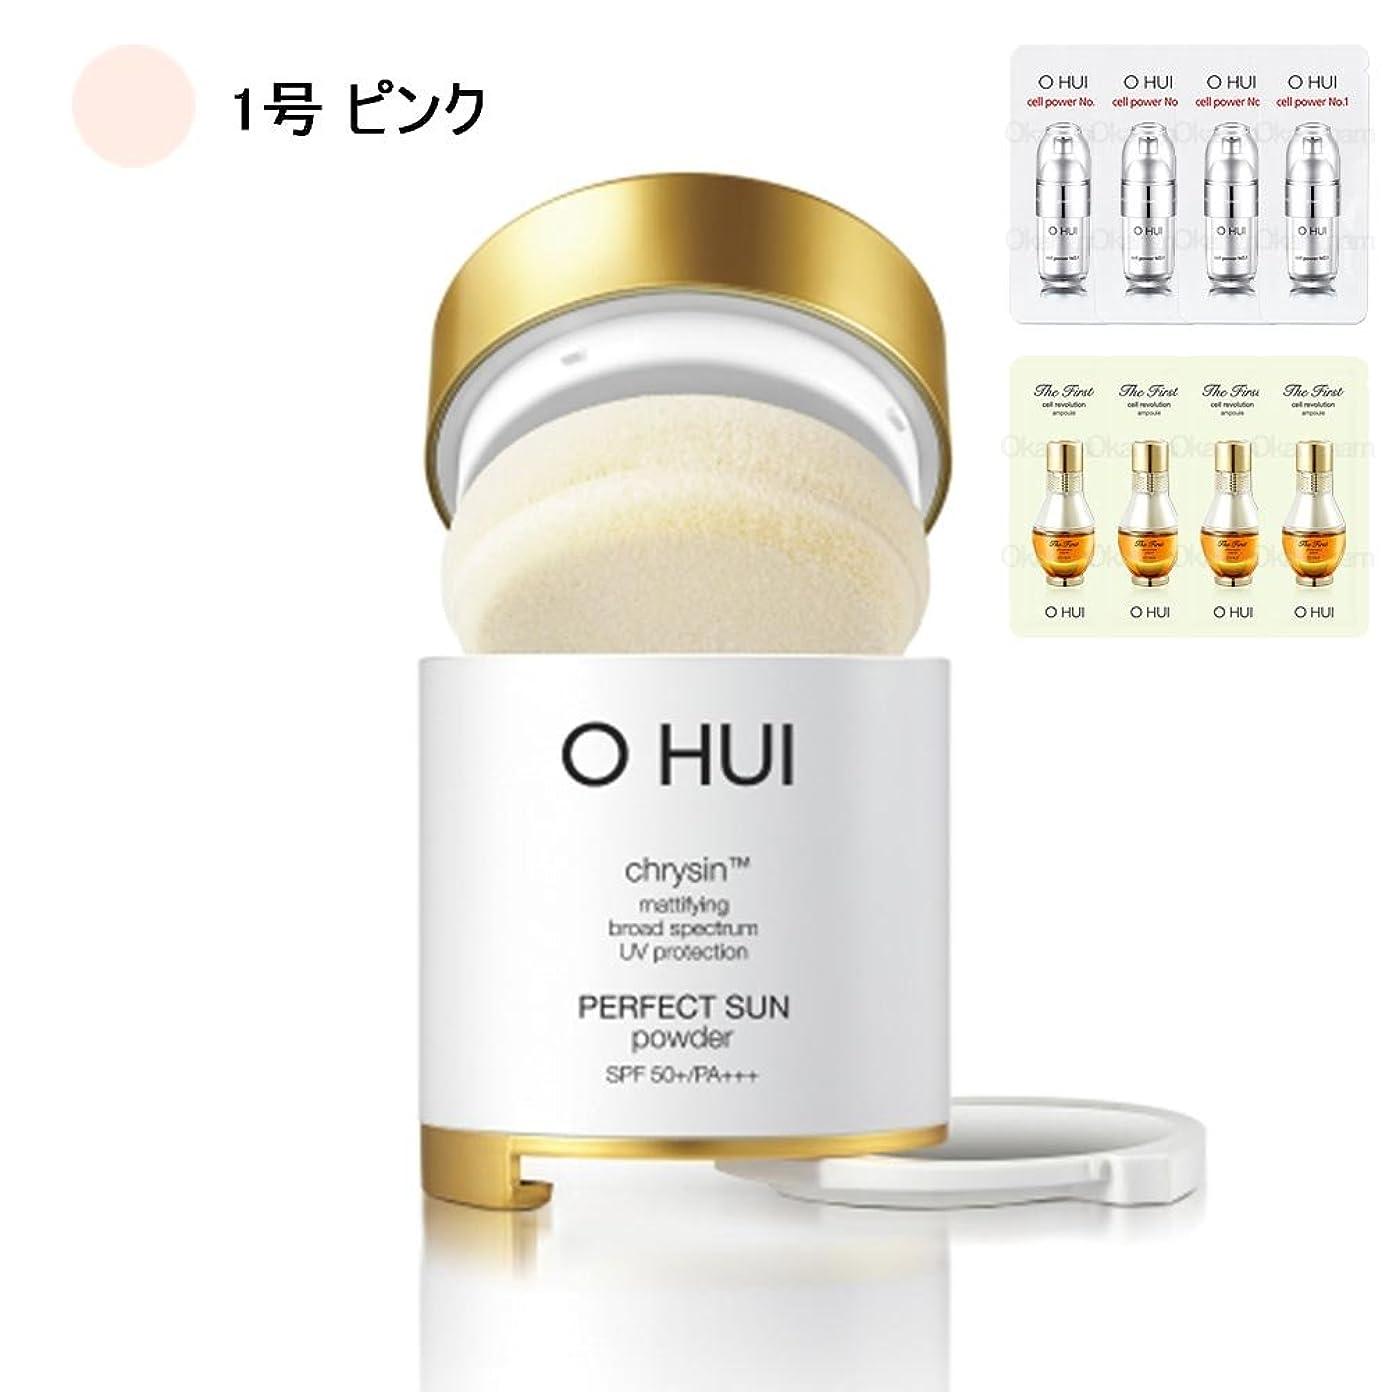 [オフィ/O HUI]韓国化粧品 LG生活健康/OHUI OFS06 PERFECT SUN POWDER/オフィ パーフェクトサンパウダー 1号 (SPF50+/PA+++) +[Sample Gift](海外直送品)